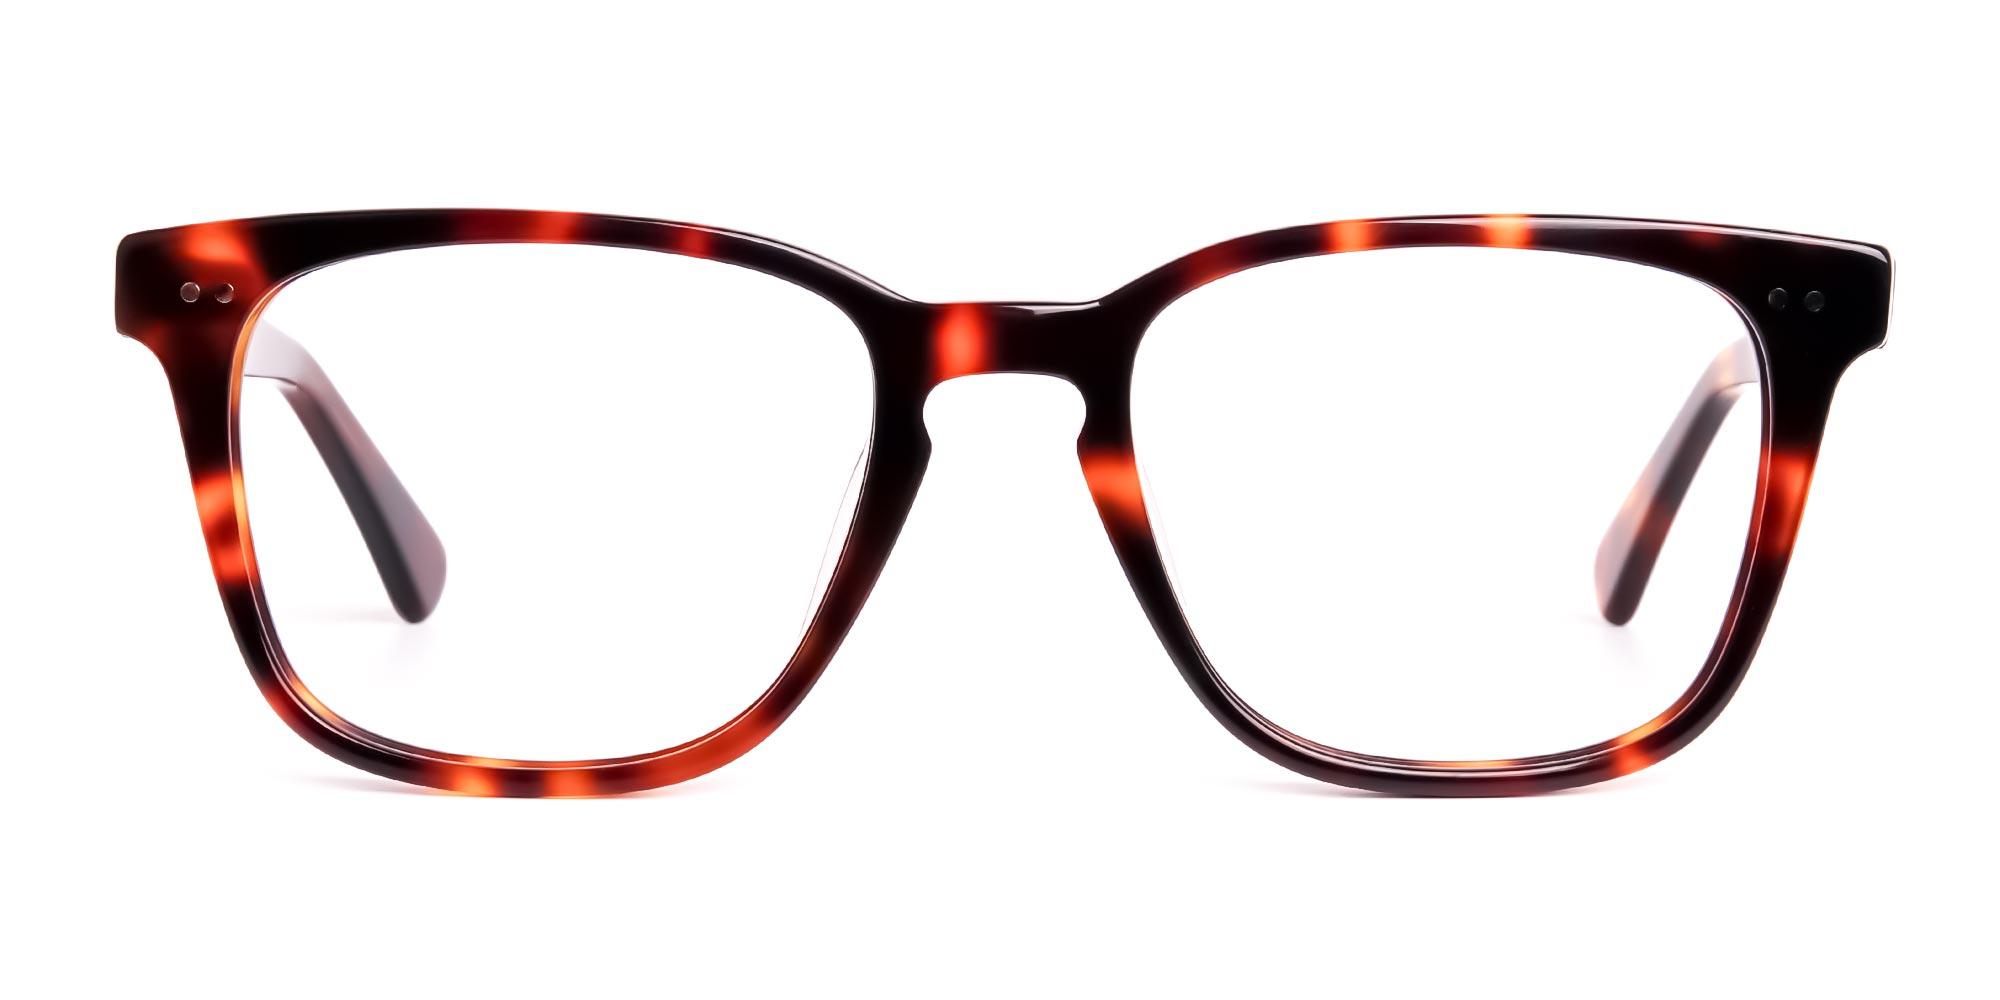 Havana Tortoise Shell Full Rim Wayfarer Glasses